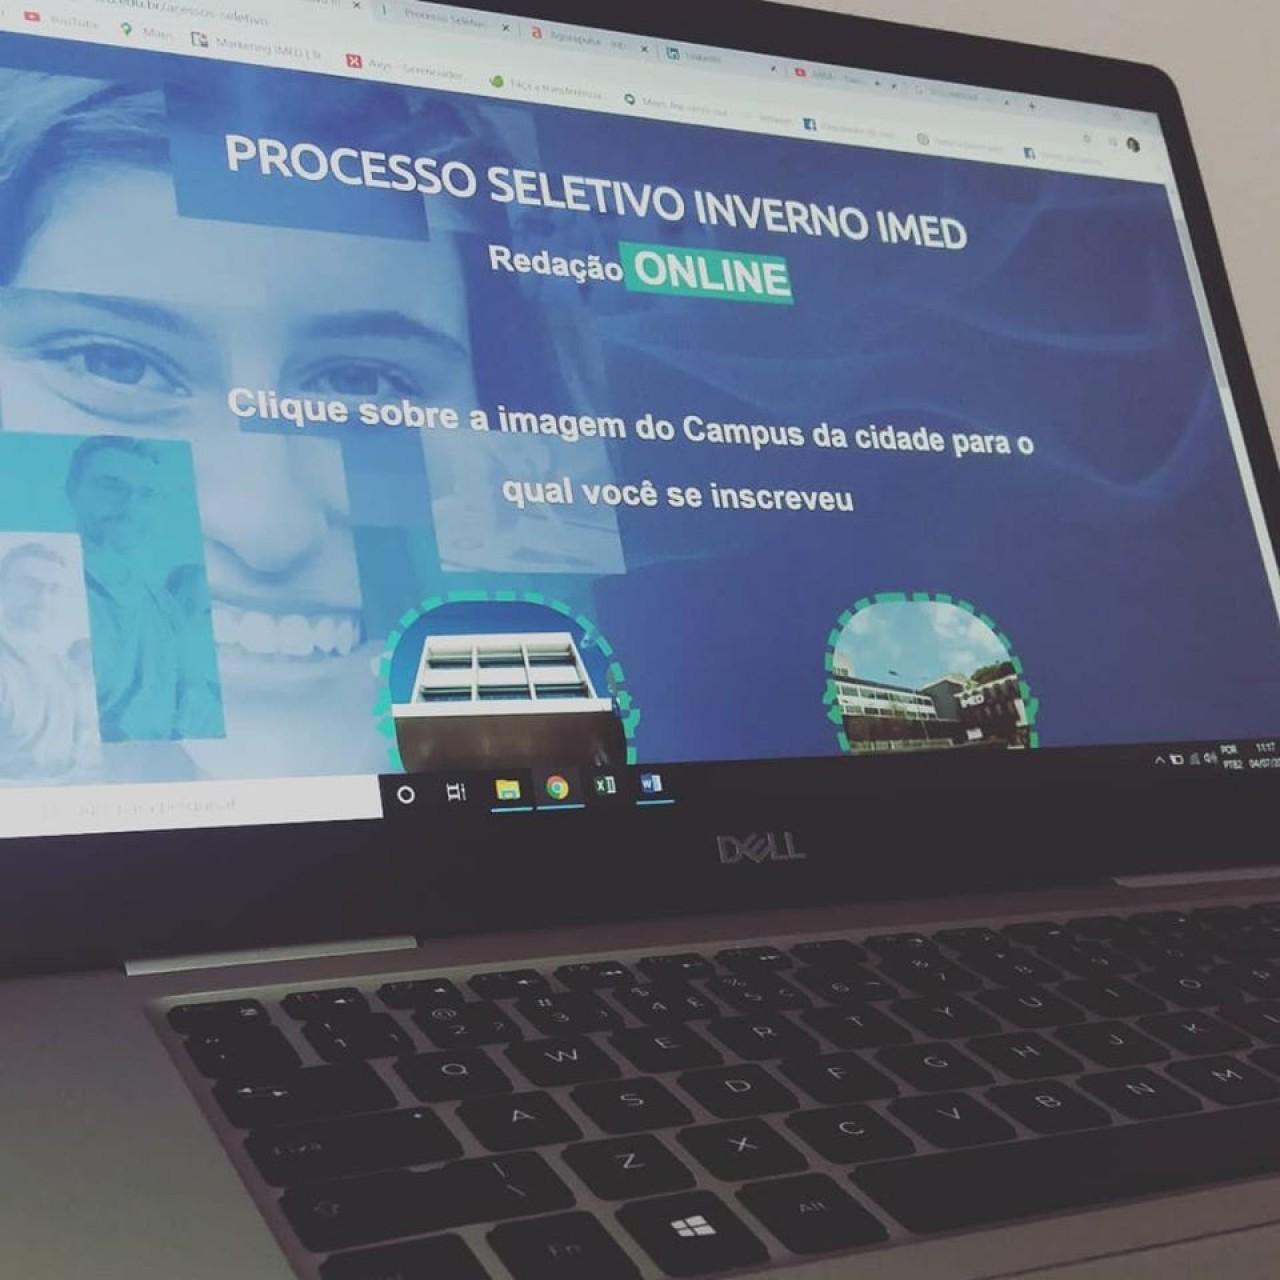 IMED realiza primeiro processo seletivo de forma online da instituição